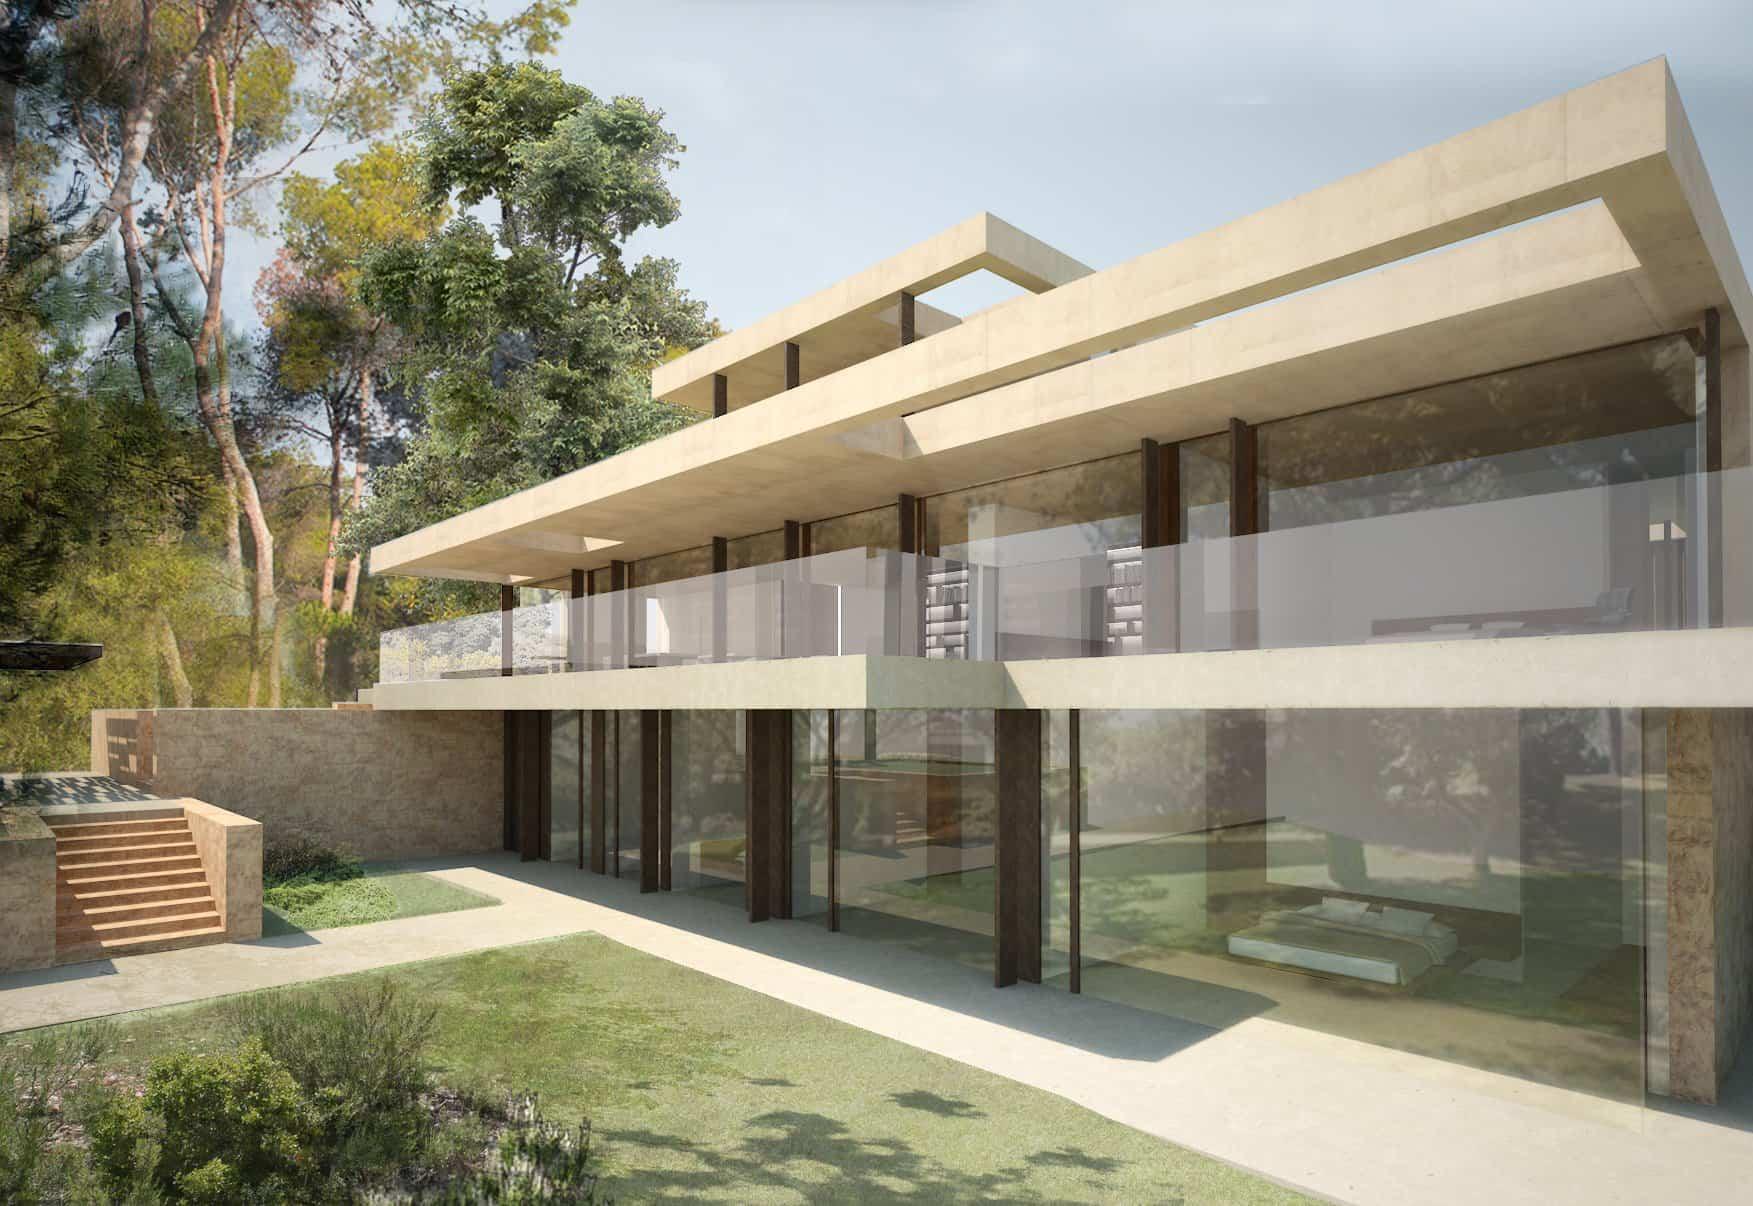 Naturaleza en la paleta de colores - Casa en la Pinada 2015 Arquitecto Ramon Esteve 18